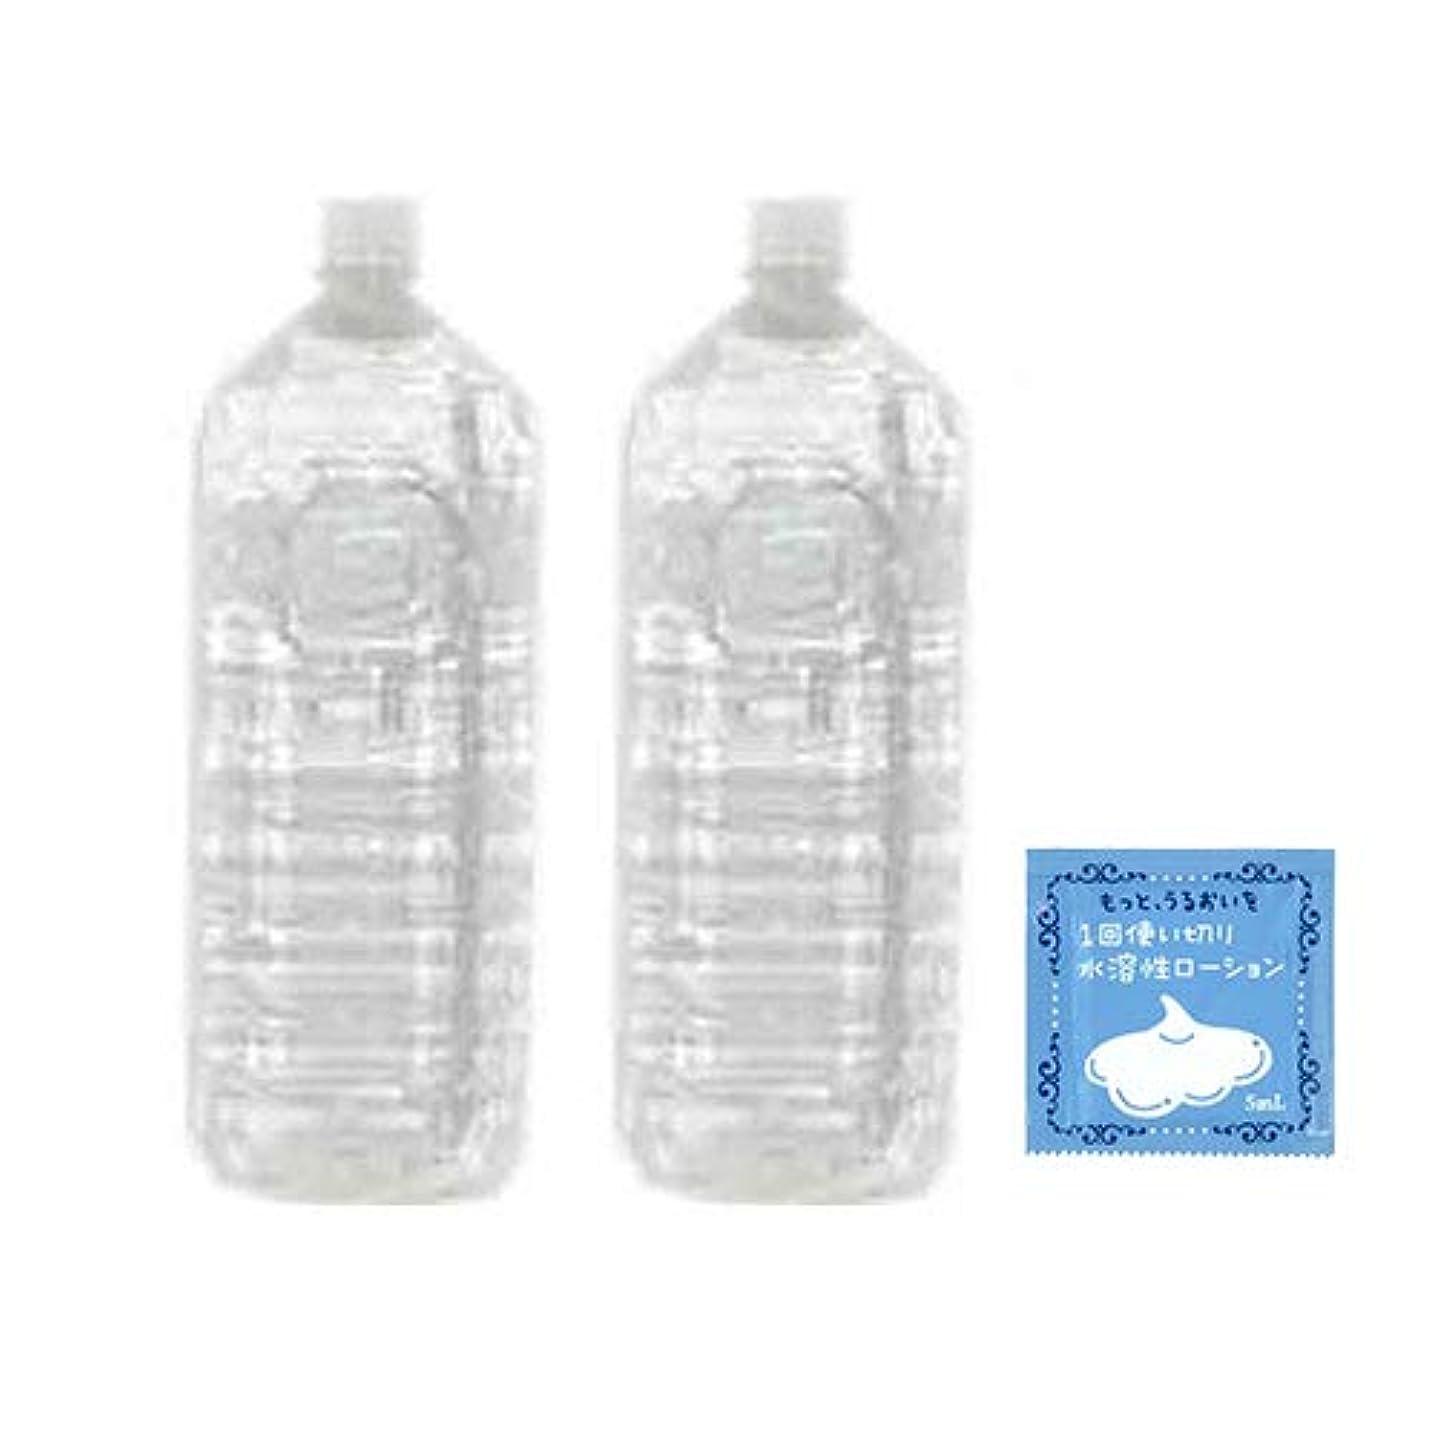 機械的ごみ繊毛クリアローション 2Lペットボトル ハードタイプ(5倍濃縮原液) × 2本セット + 1回使い切り水溶性潤滑ローション